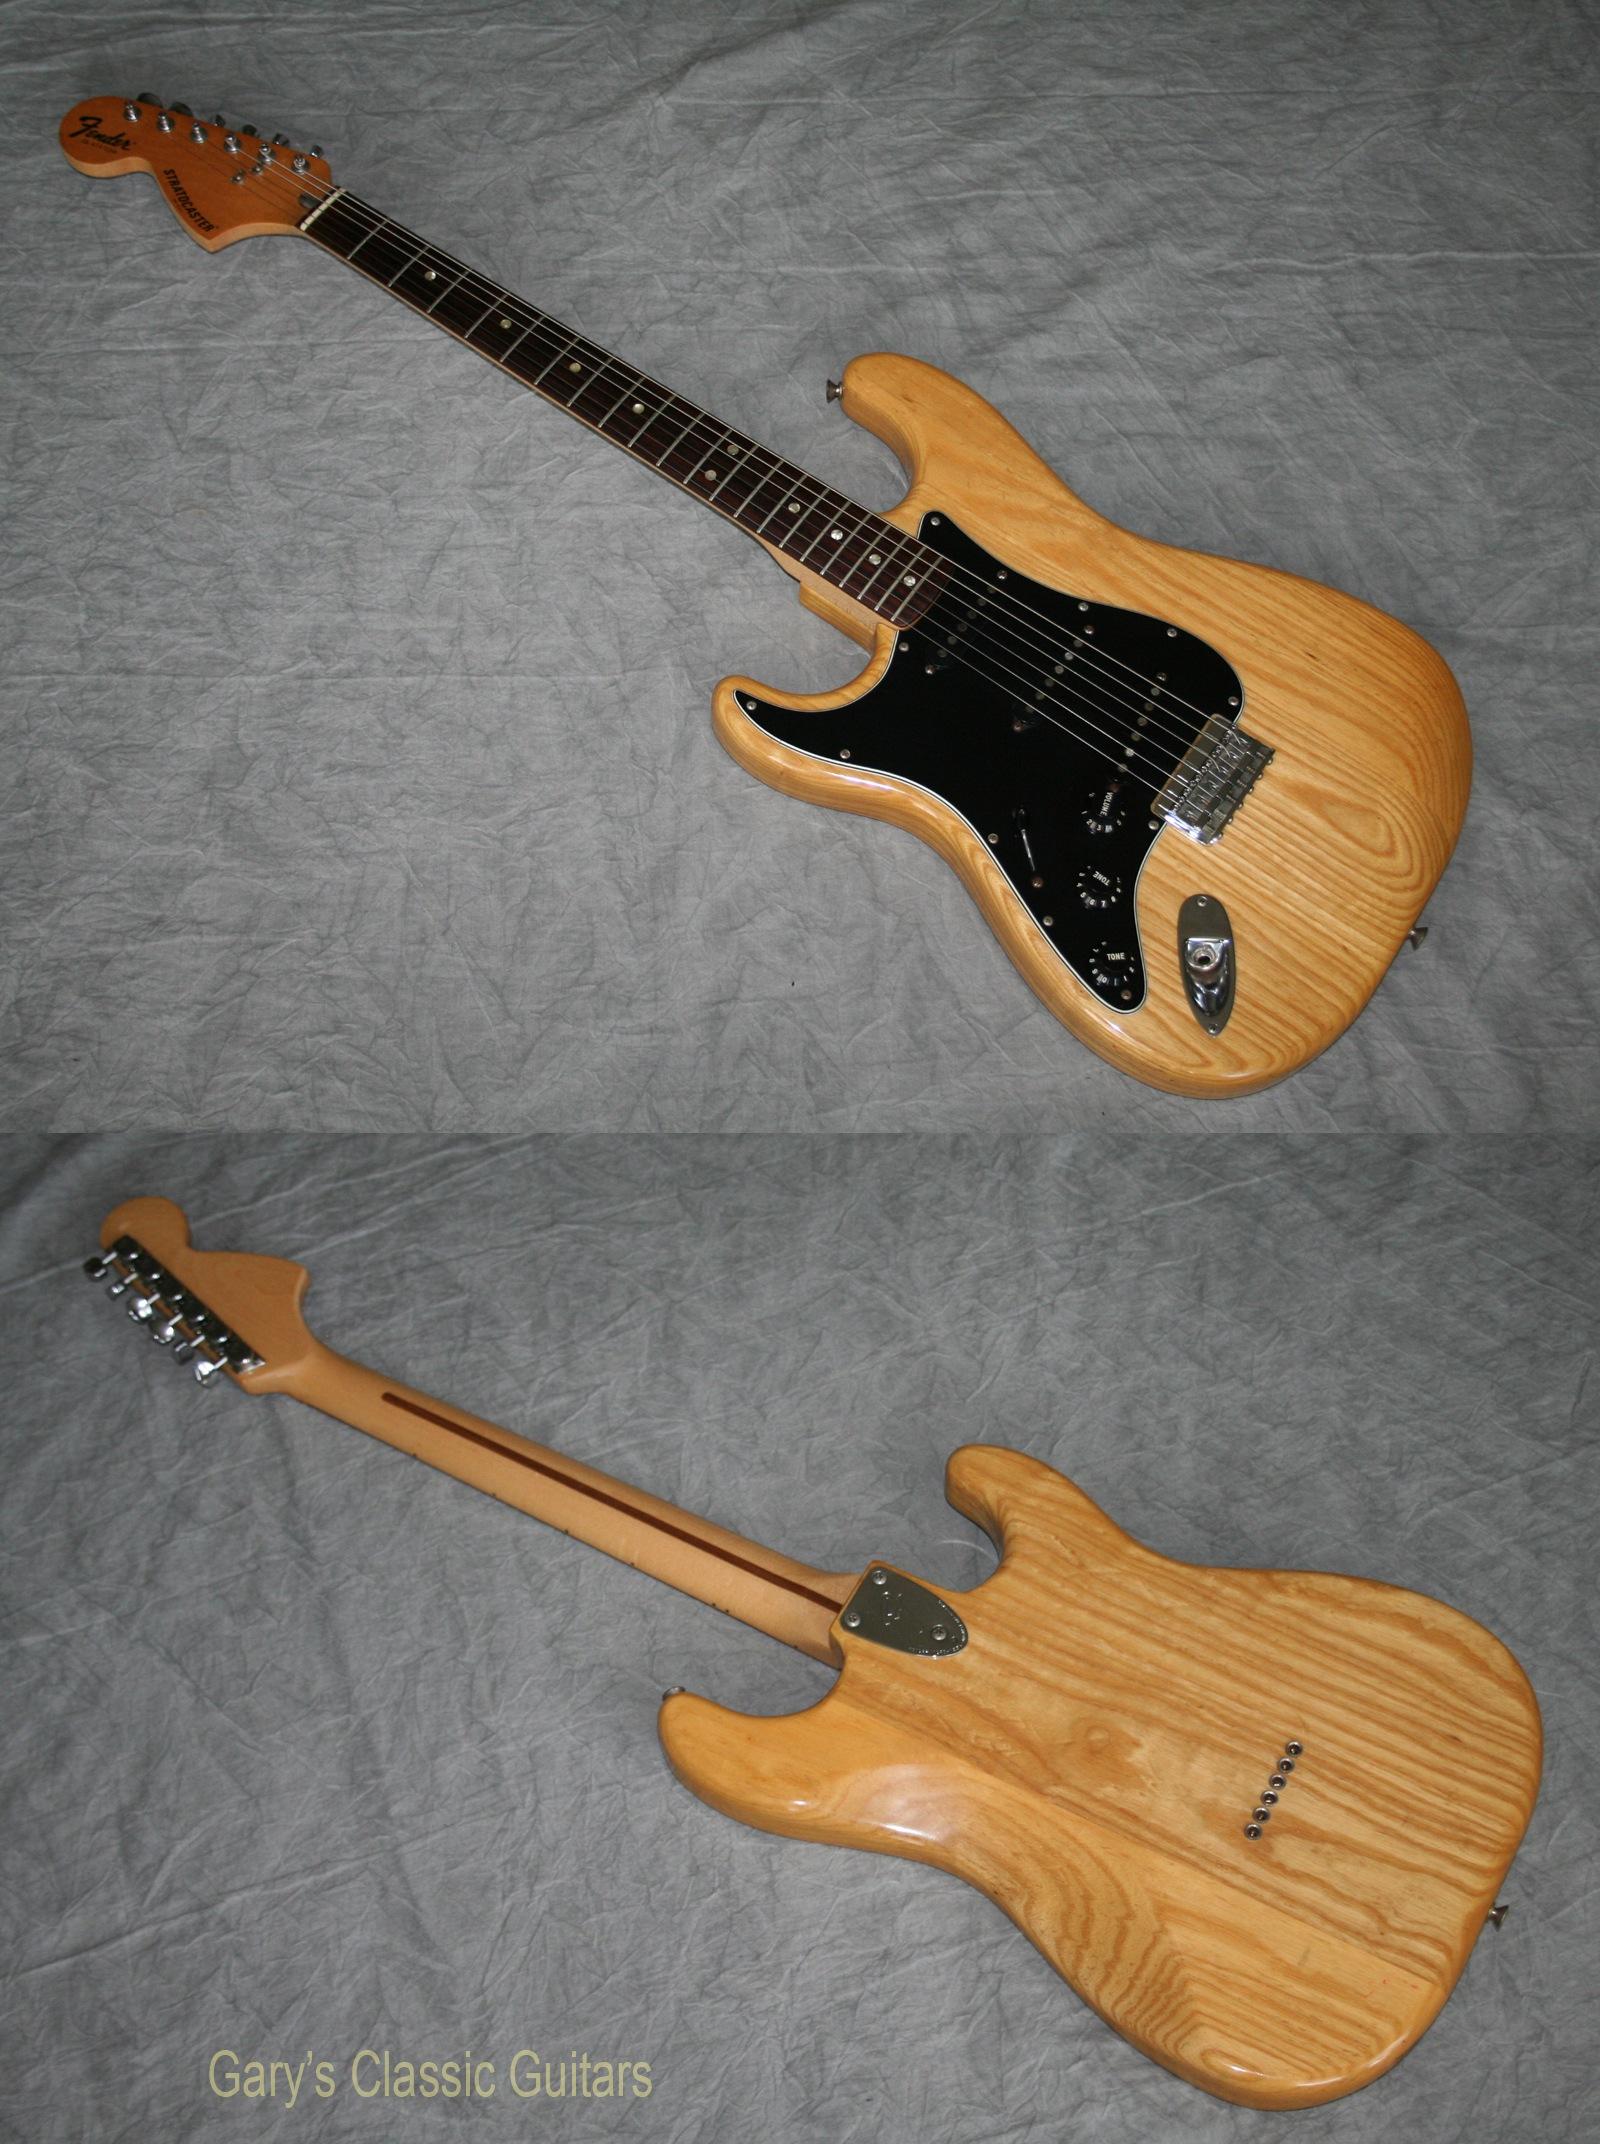 1977 fender stratocaster left handed model garys classic guitars vintage guitars llc. Black Bedroom Furniture Sets. Home Design Ideas